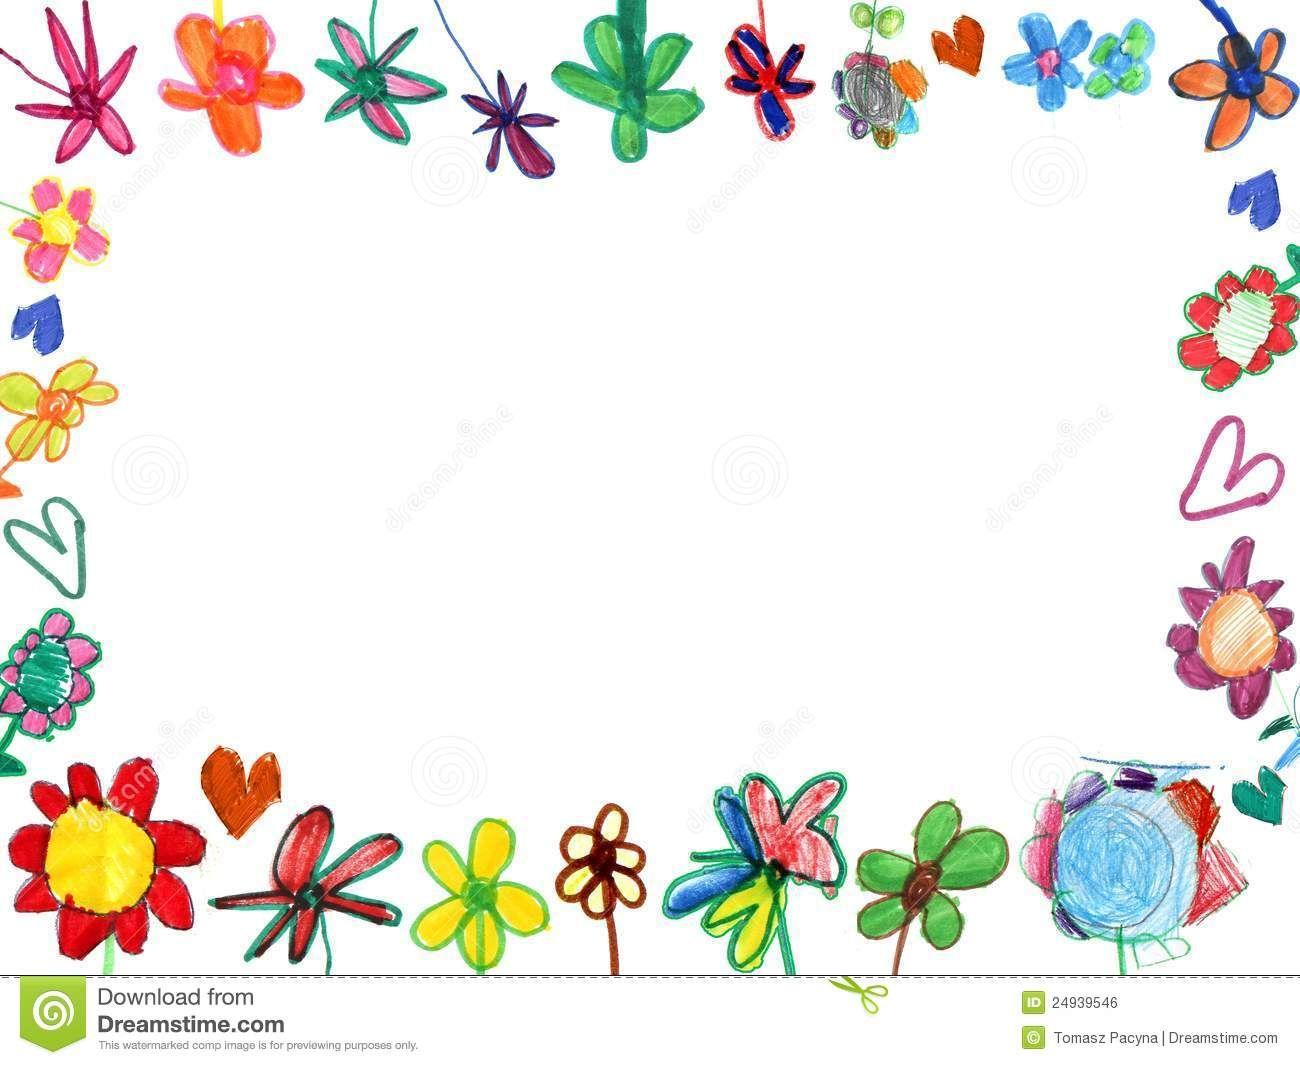 Marcos para fotos marcos para fotos horizontales marco for Paginas decoracion online